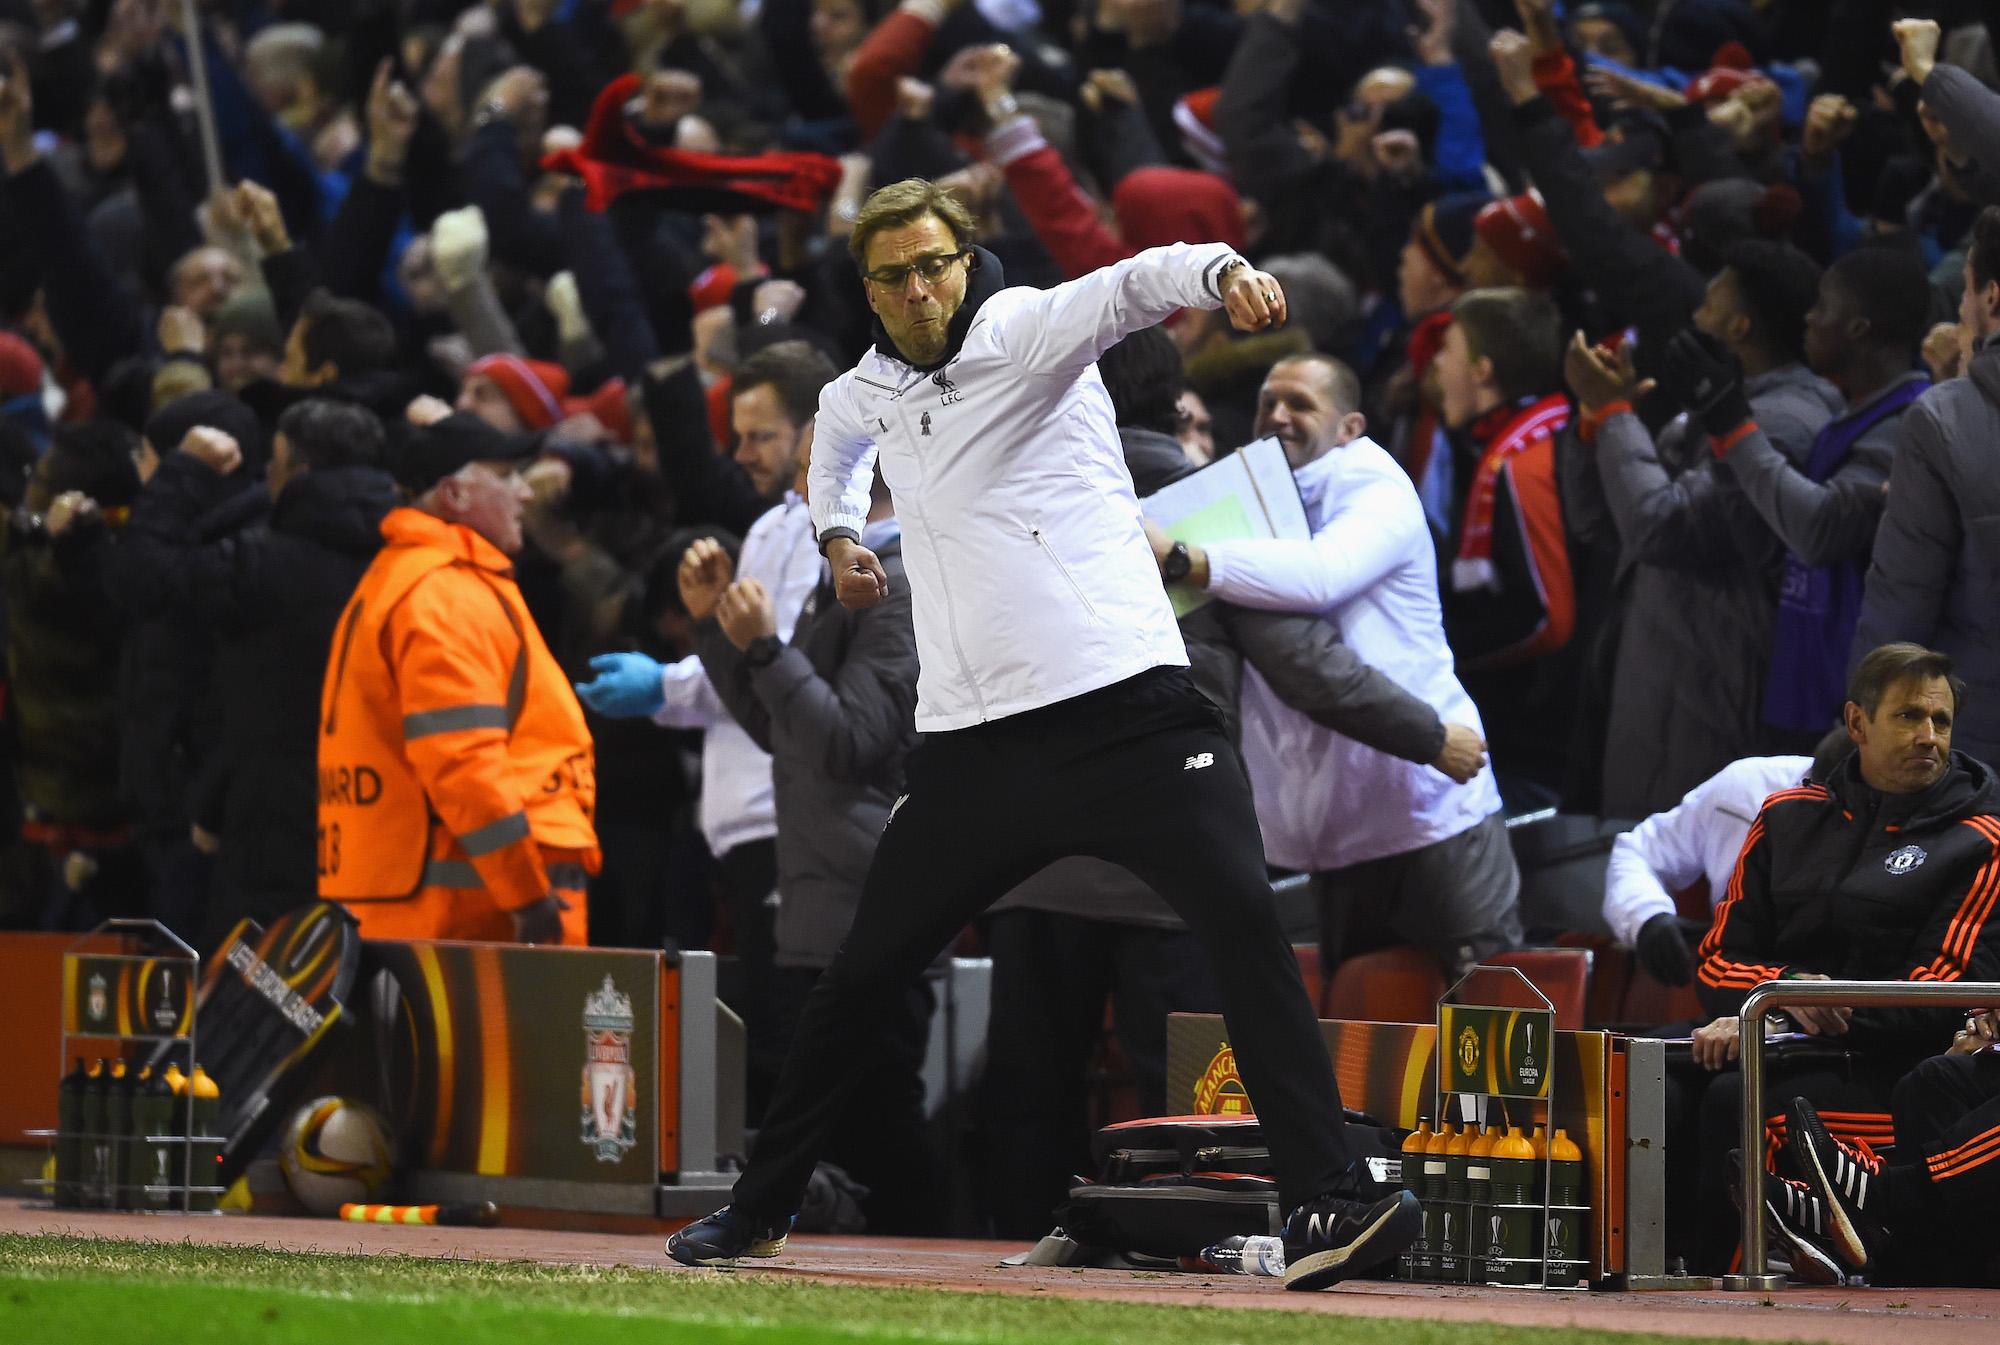 L'esultanza di Jurgen Klopp dopo il gol del 2-0 di Firmino contro il Manchester United nell'andata degli ottavi di Europa League